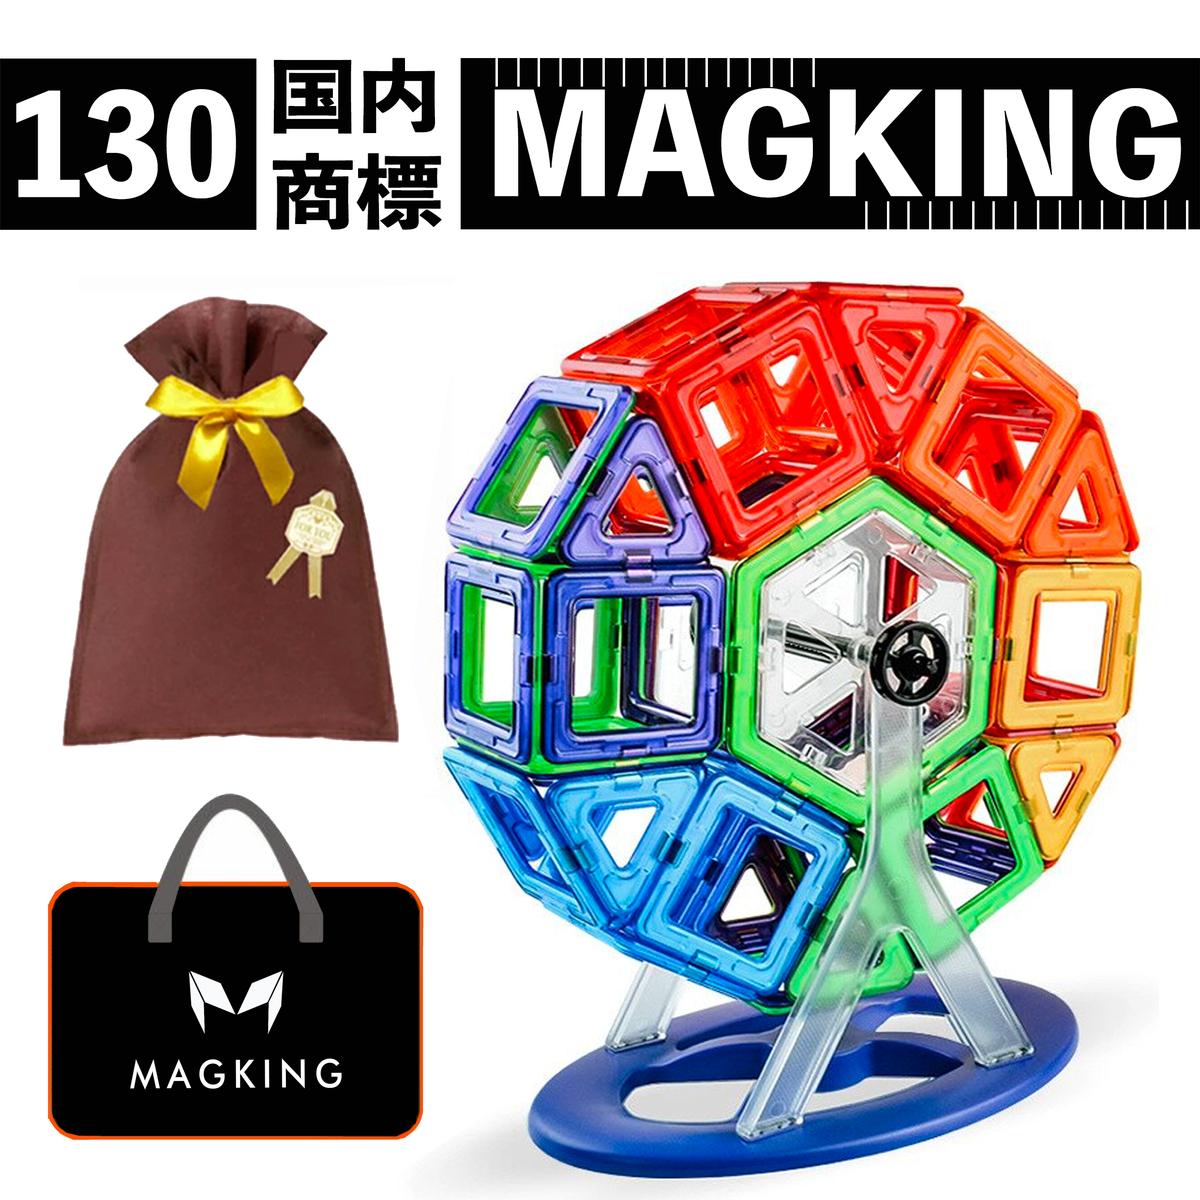 商品名称:MAGKING 磁石ブロック130使用年齢:三歳以上知育玩具 食品検査済商標登録:国内商標 正規品 自社高水準同類補充;マグフォーマー にも互換性持ち 優良ショップ受賞 130pcs マグネット ブロック マグネットブロック おもちゃ 玩具 磁石 知育おもちゃ 知育玩具 磁石おもちゃ 贈答 マグネットおもちゃ 誕生日 幼児 キッズ 人気 おすすめ 5歳 お祝い 3歳 4歳 2歳 プレゼント 子供 6歳 記念 女の子 小学生 誕生日プレゼント 男の子 ギフト